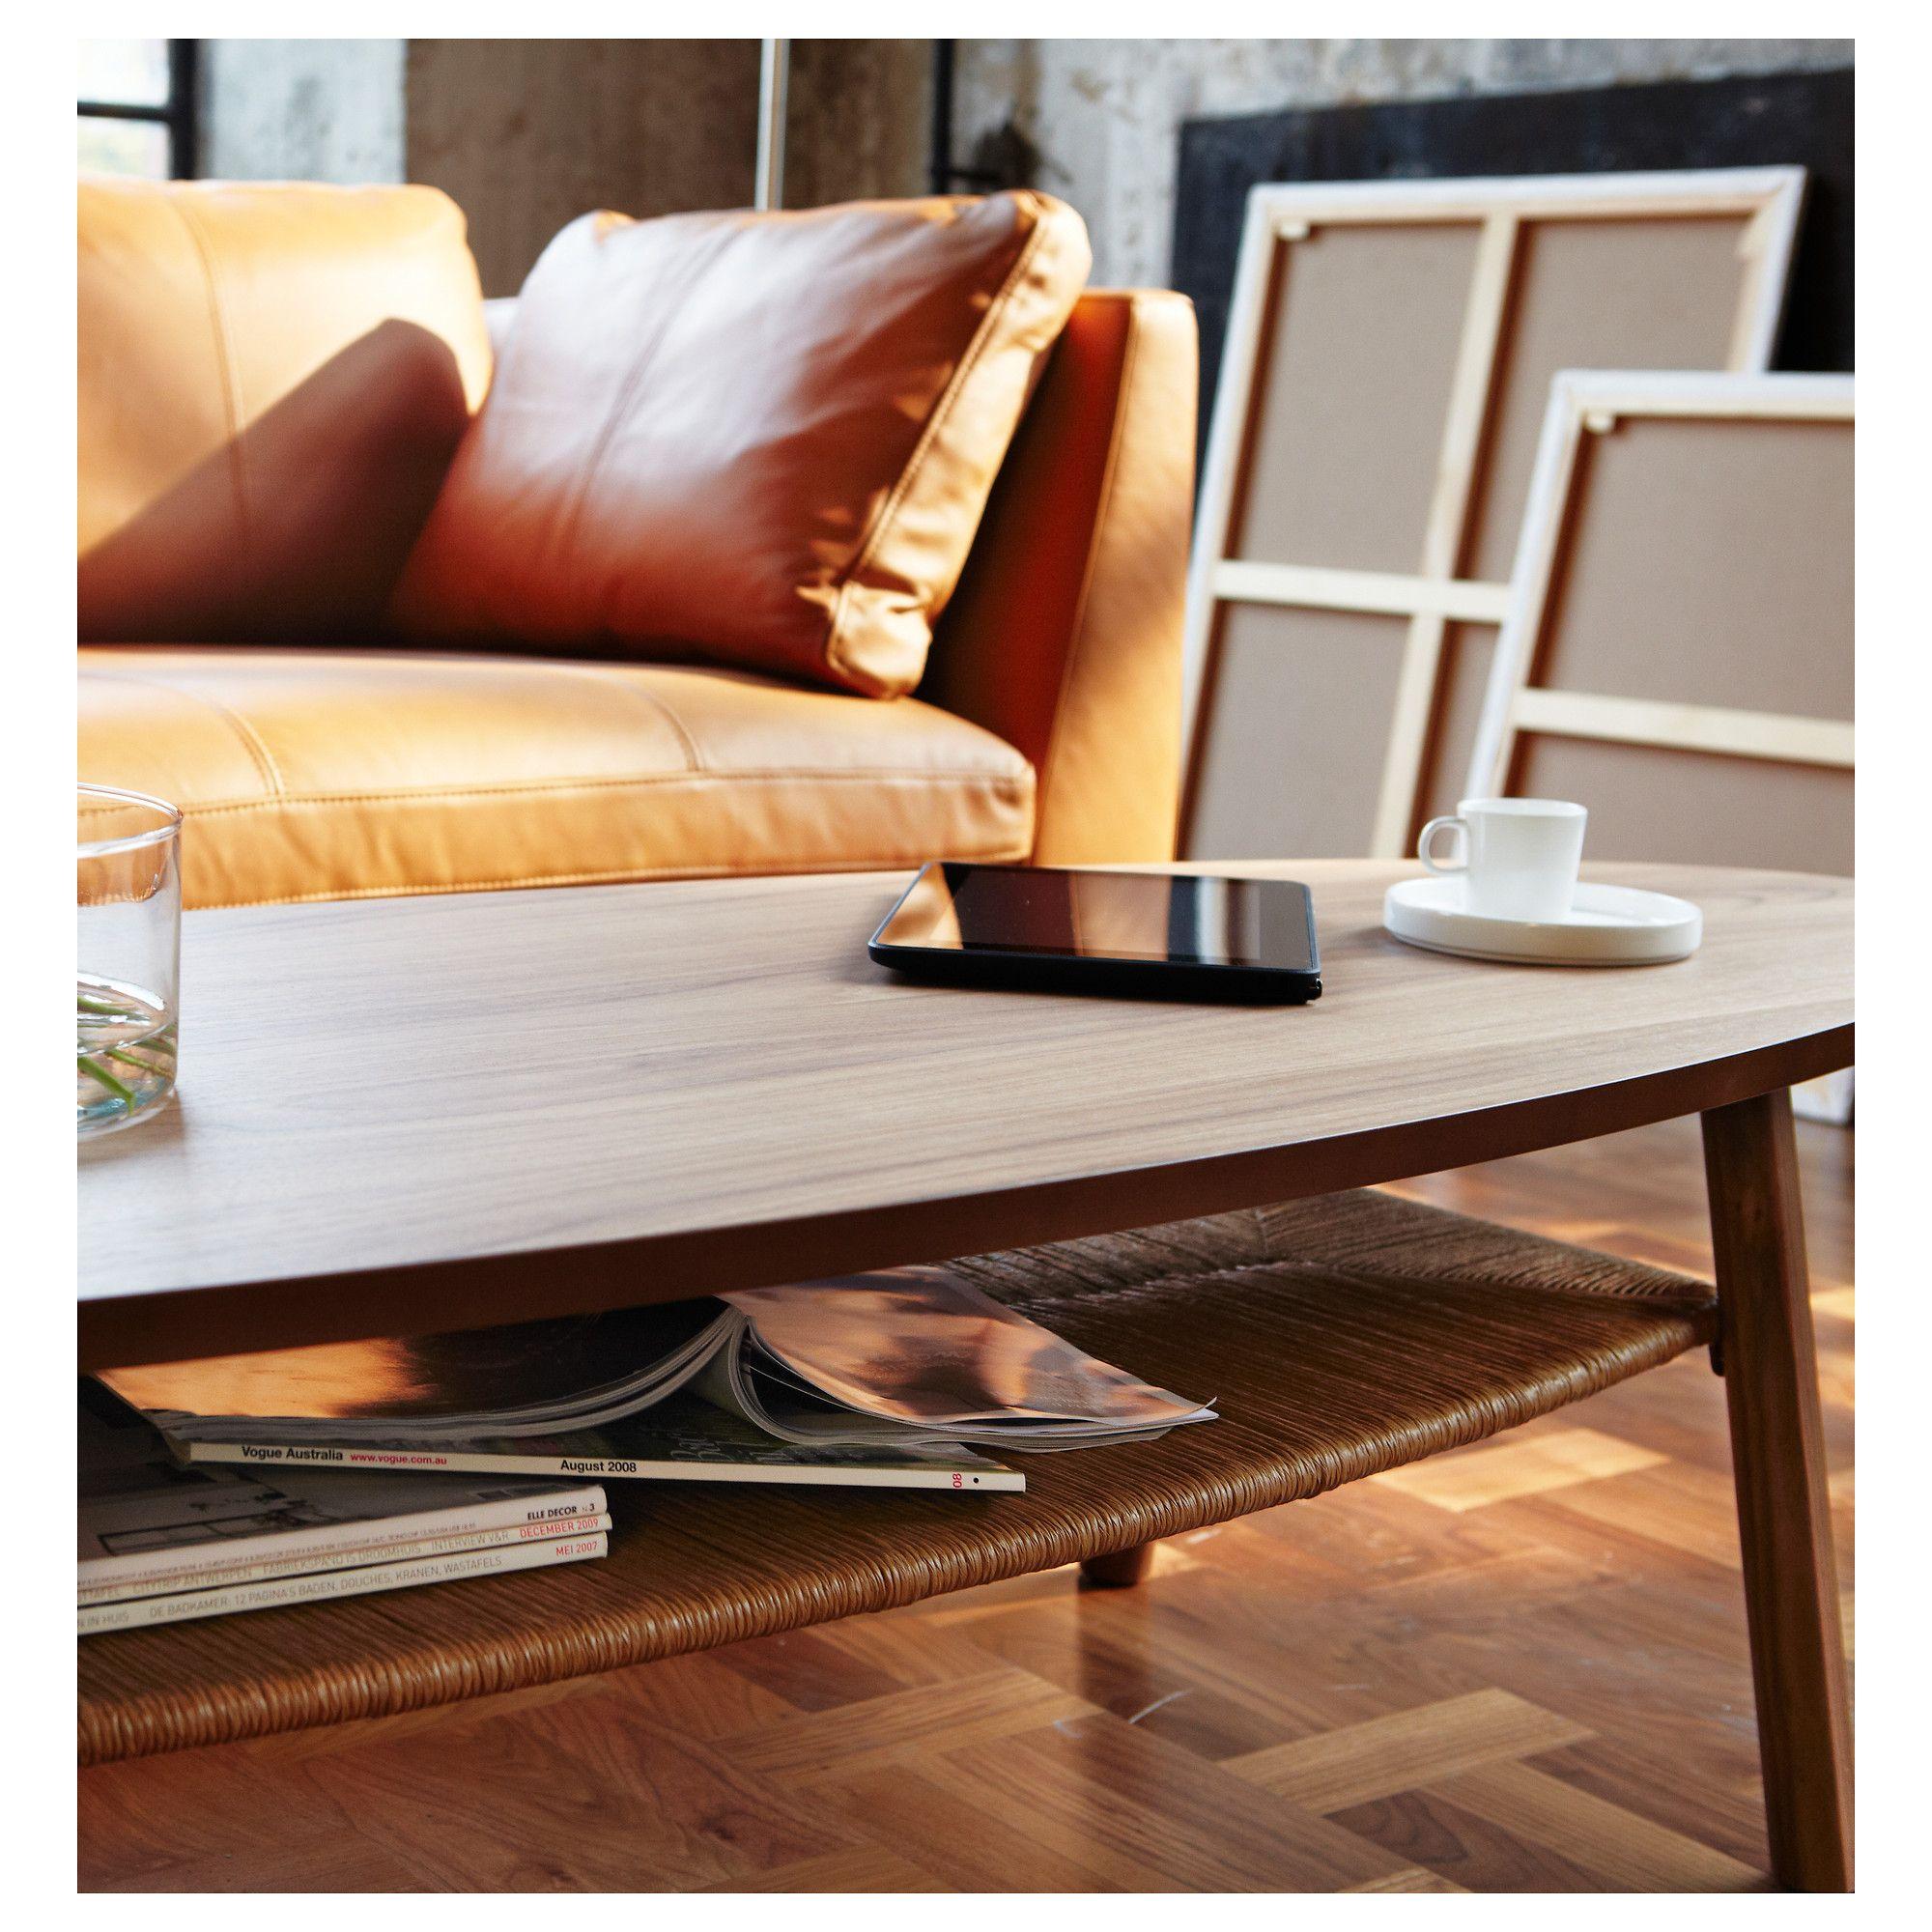 Ikea Stockholm Coffee Table Walnut Veneer